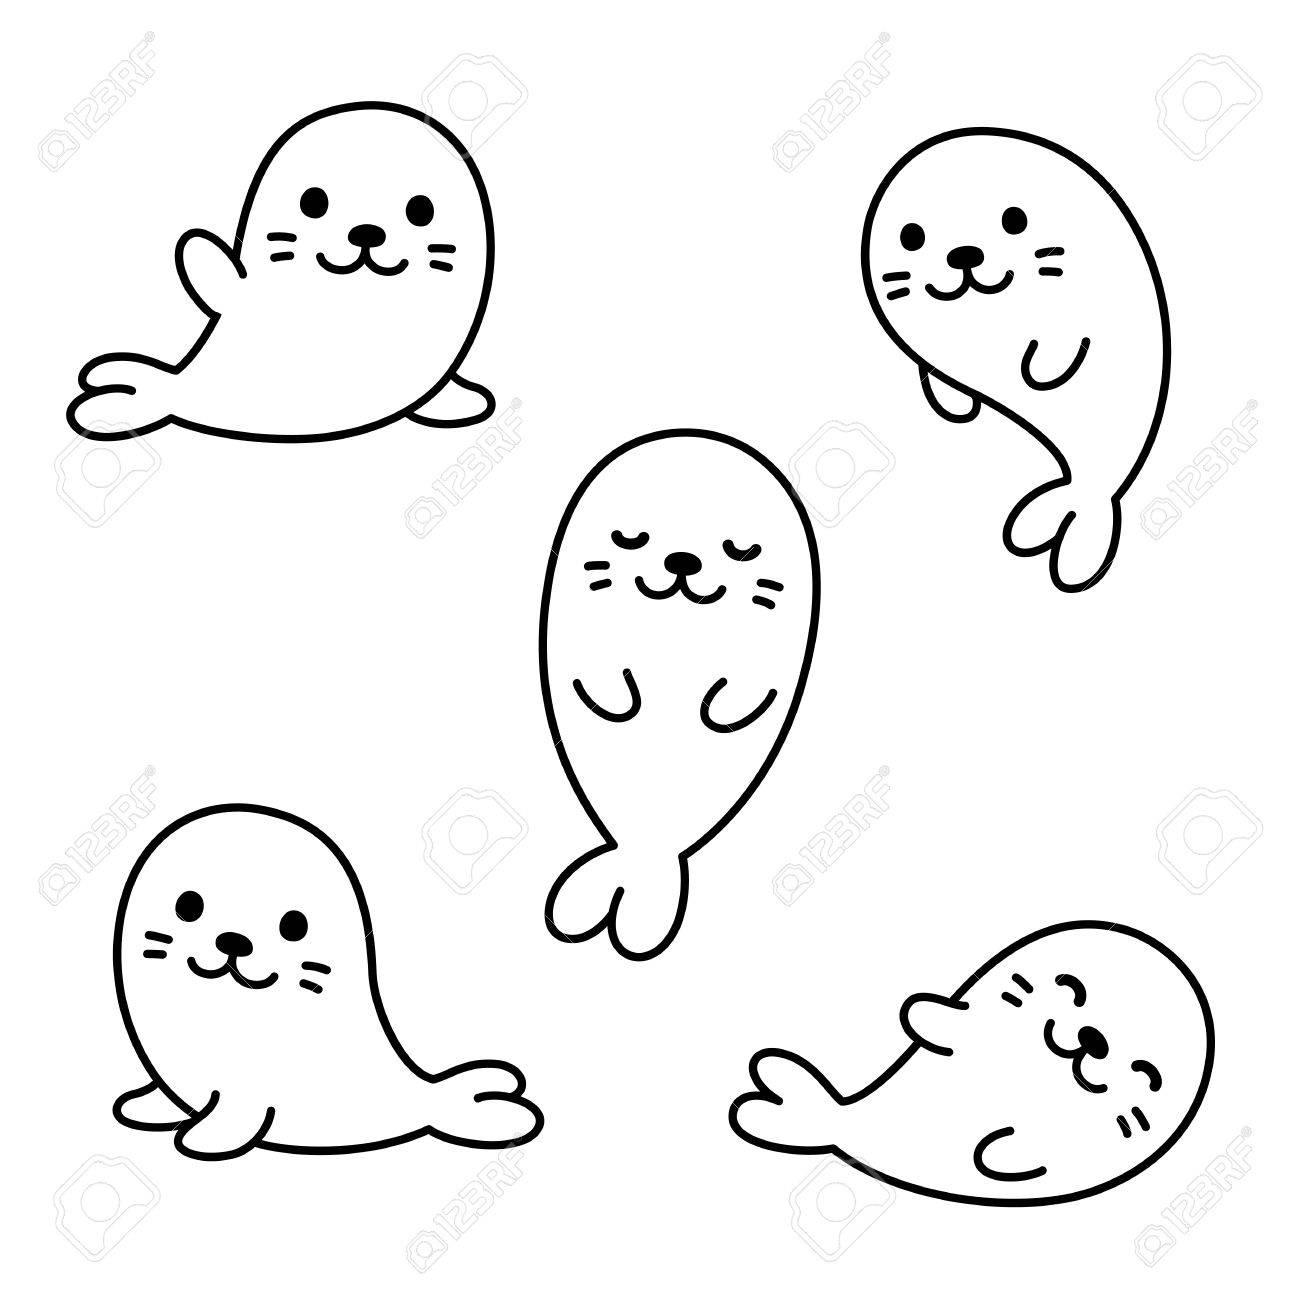 Cute Dibujos Animados De Crías De Foca Bebé Ilustraciones